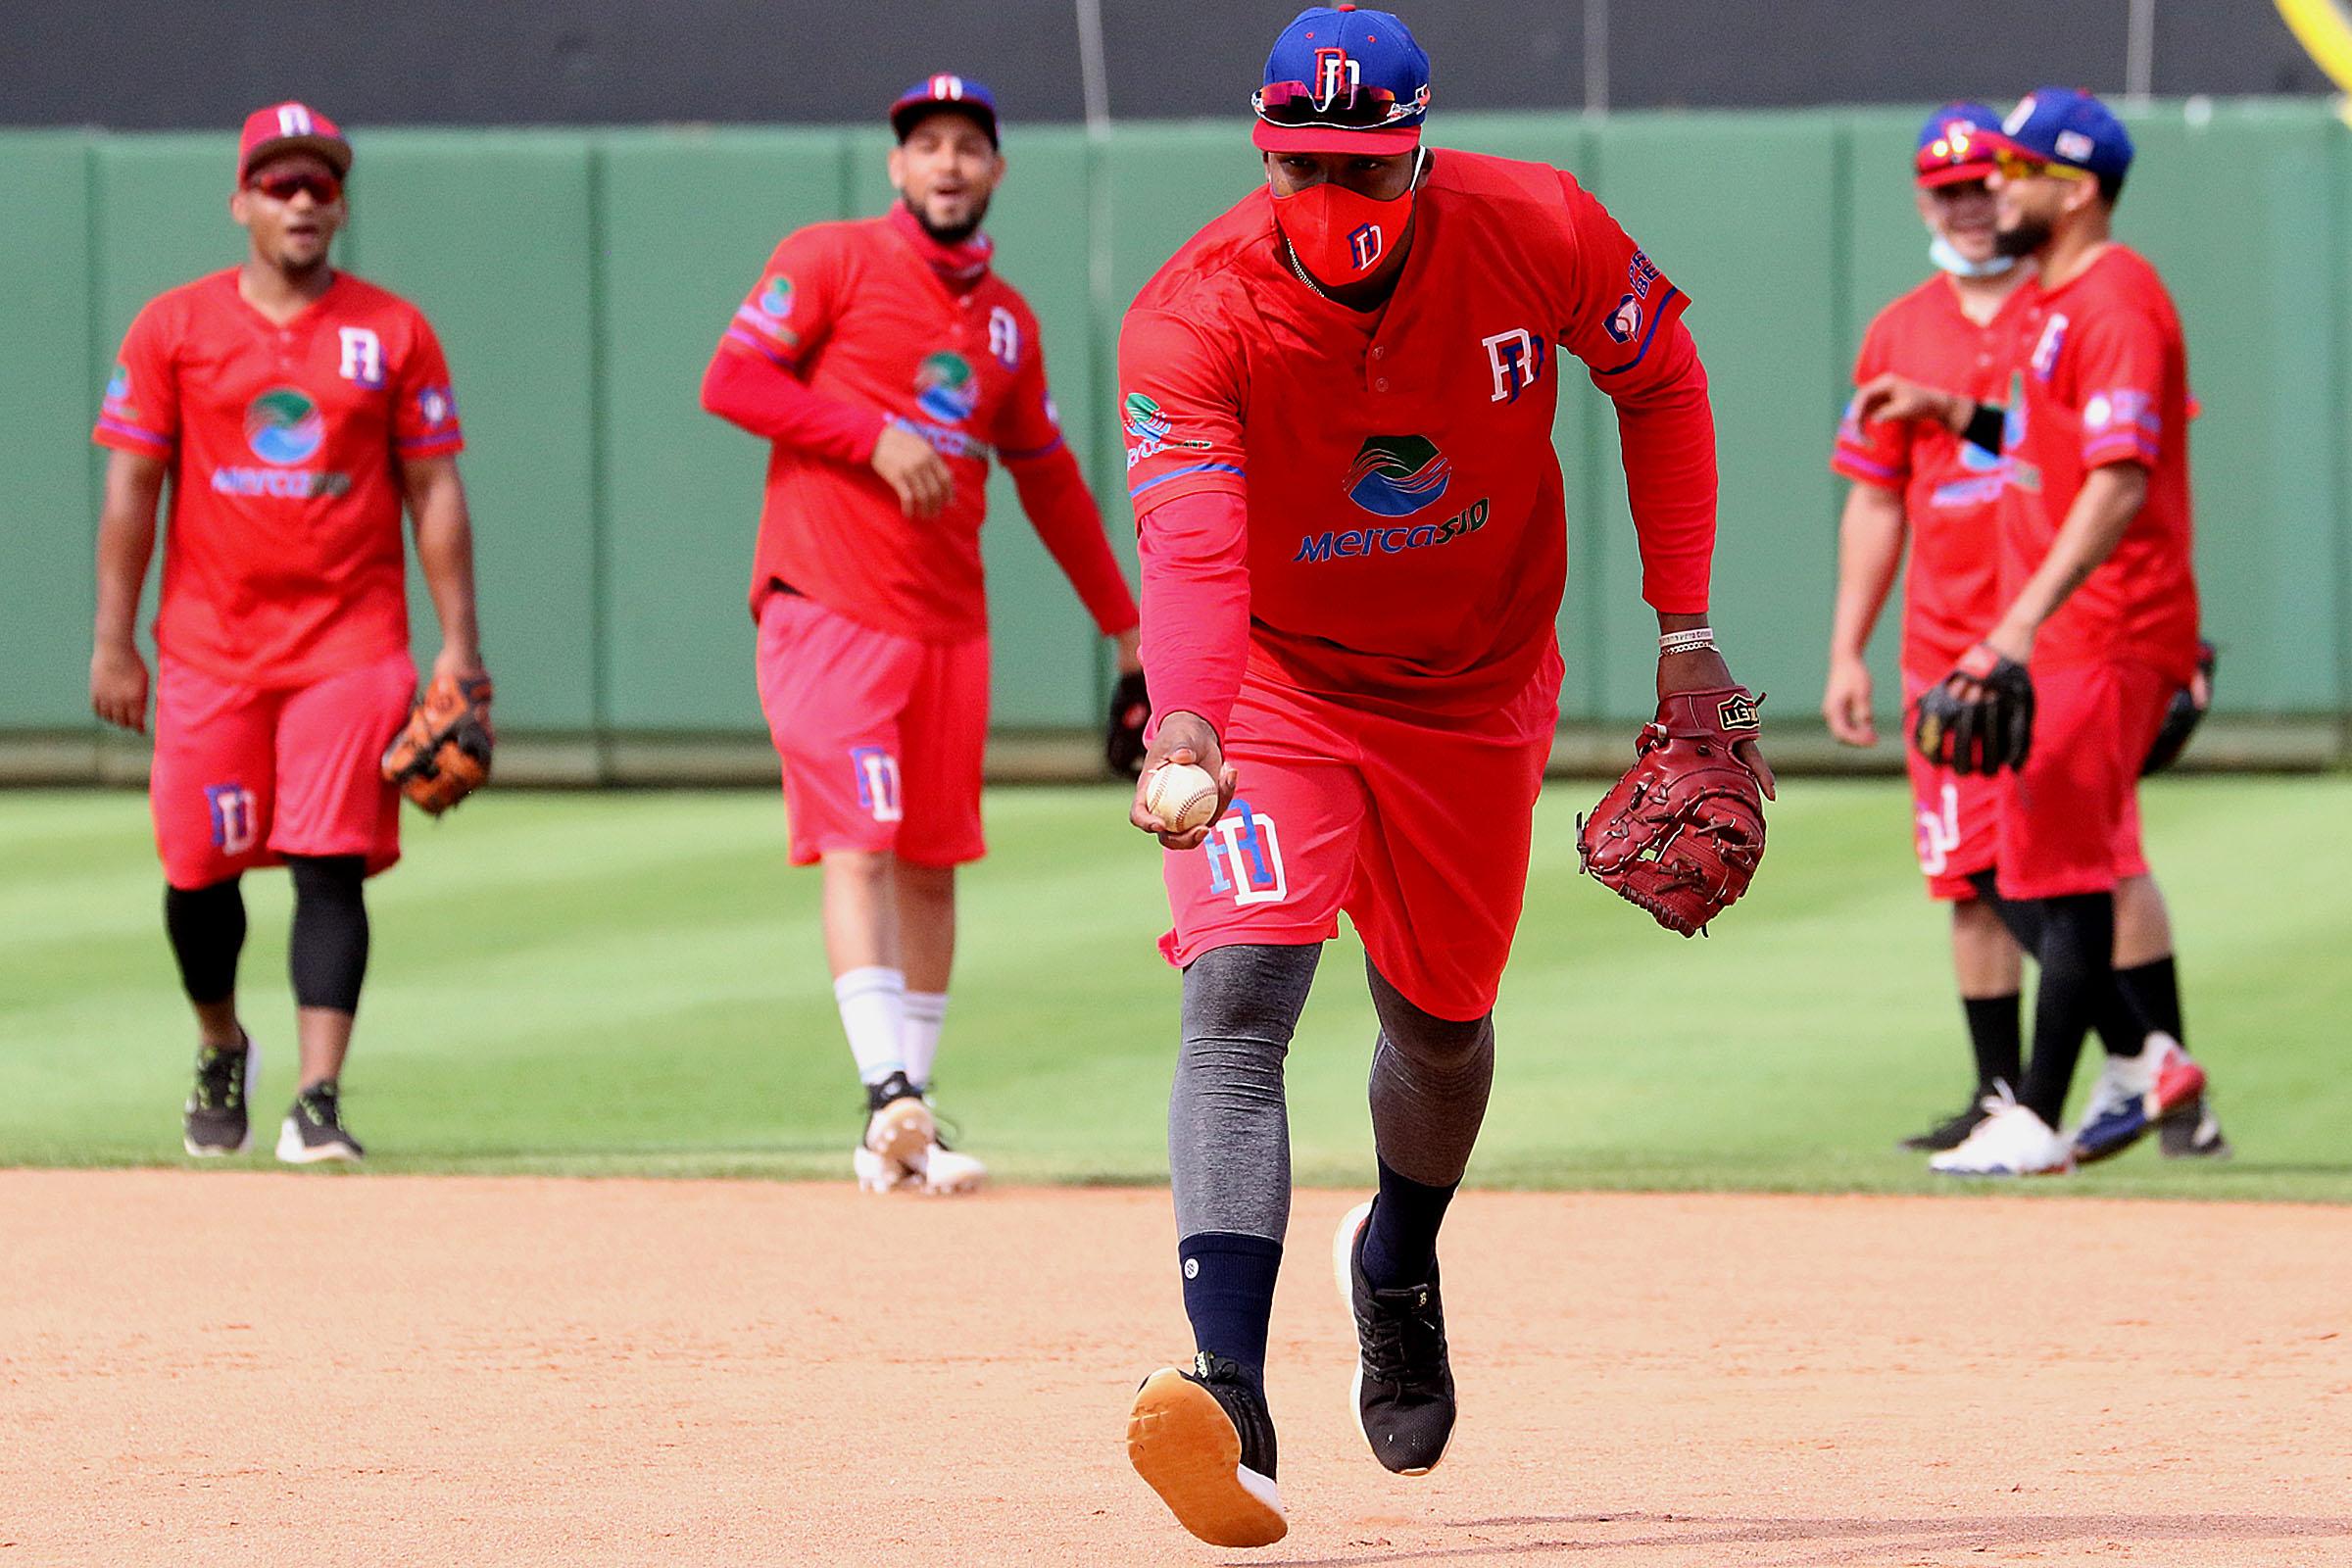 Béisbol RD inicia ruta hacia los Juegos Olímpicos de Tokio